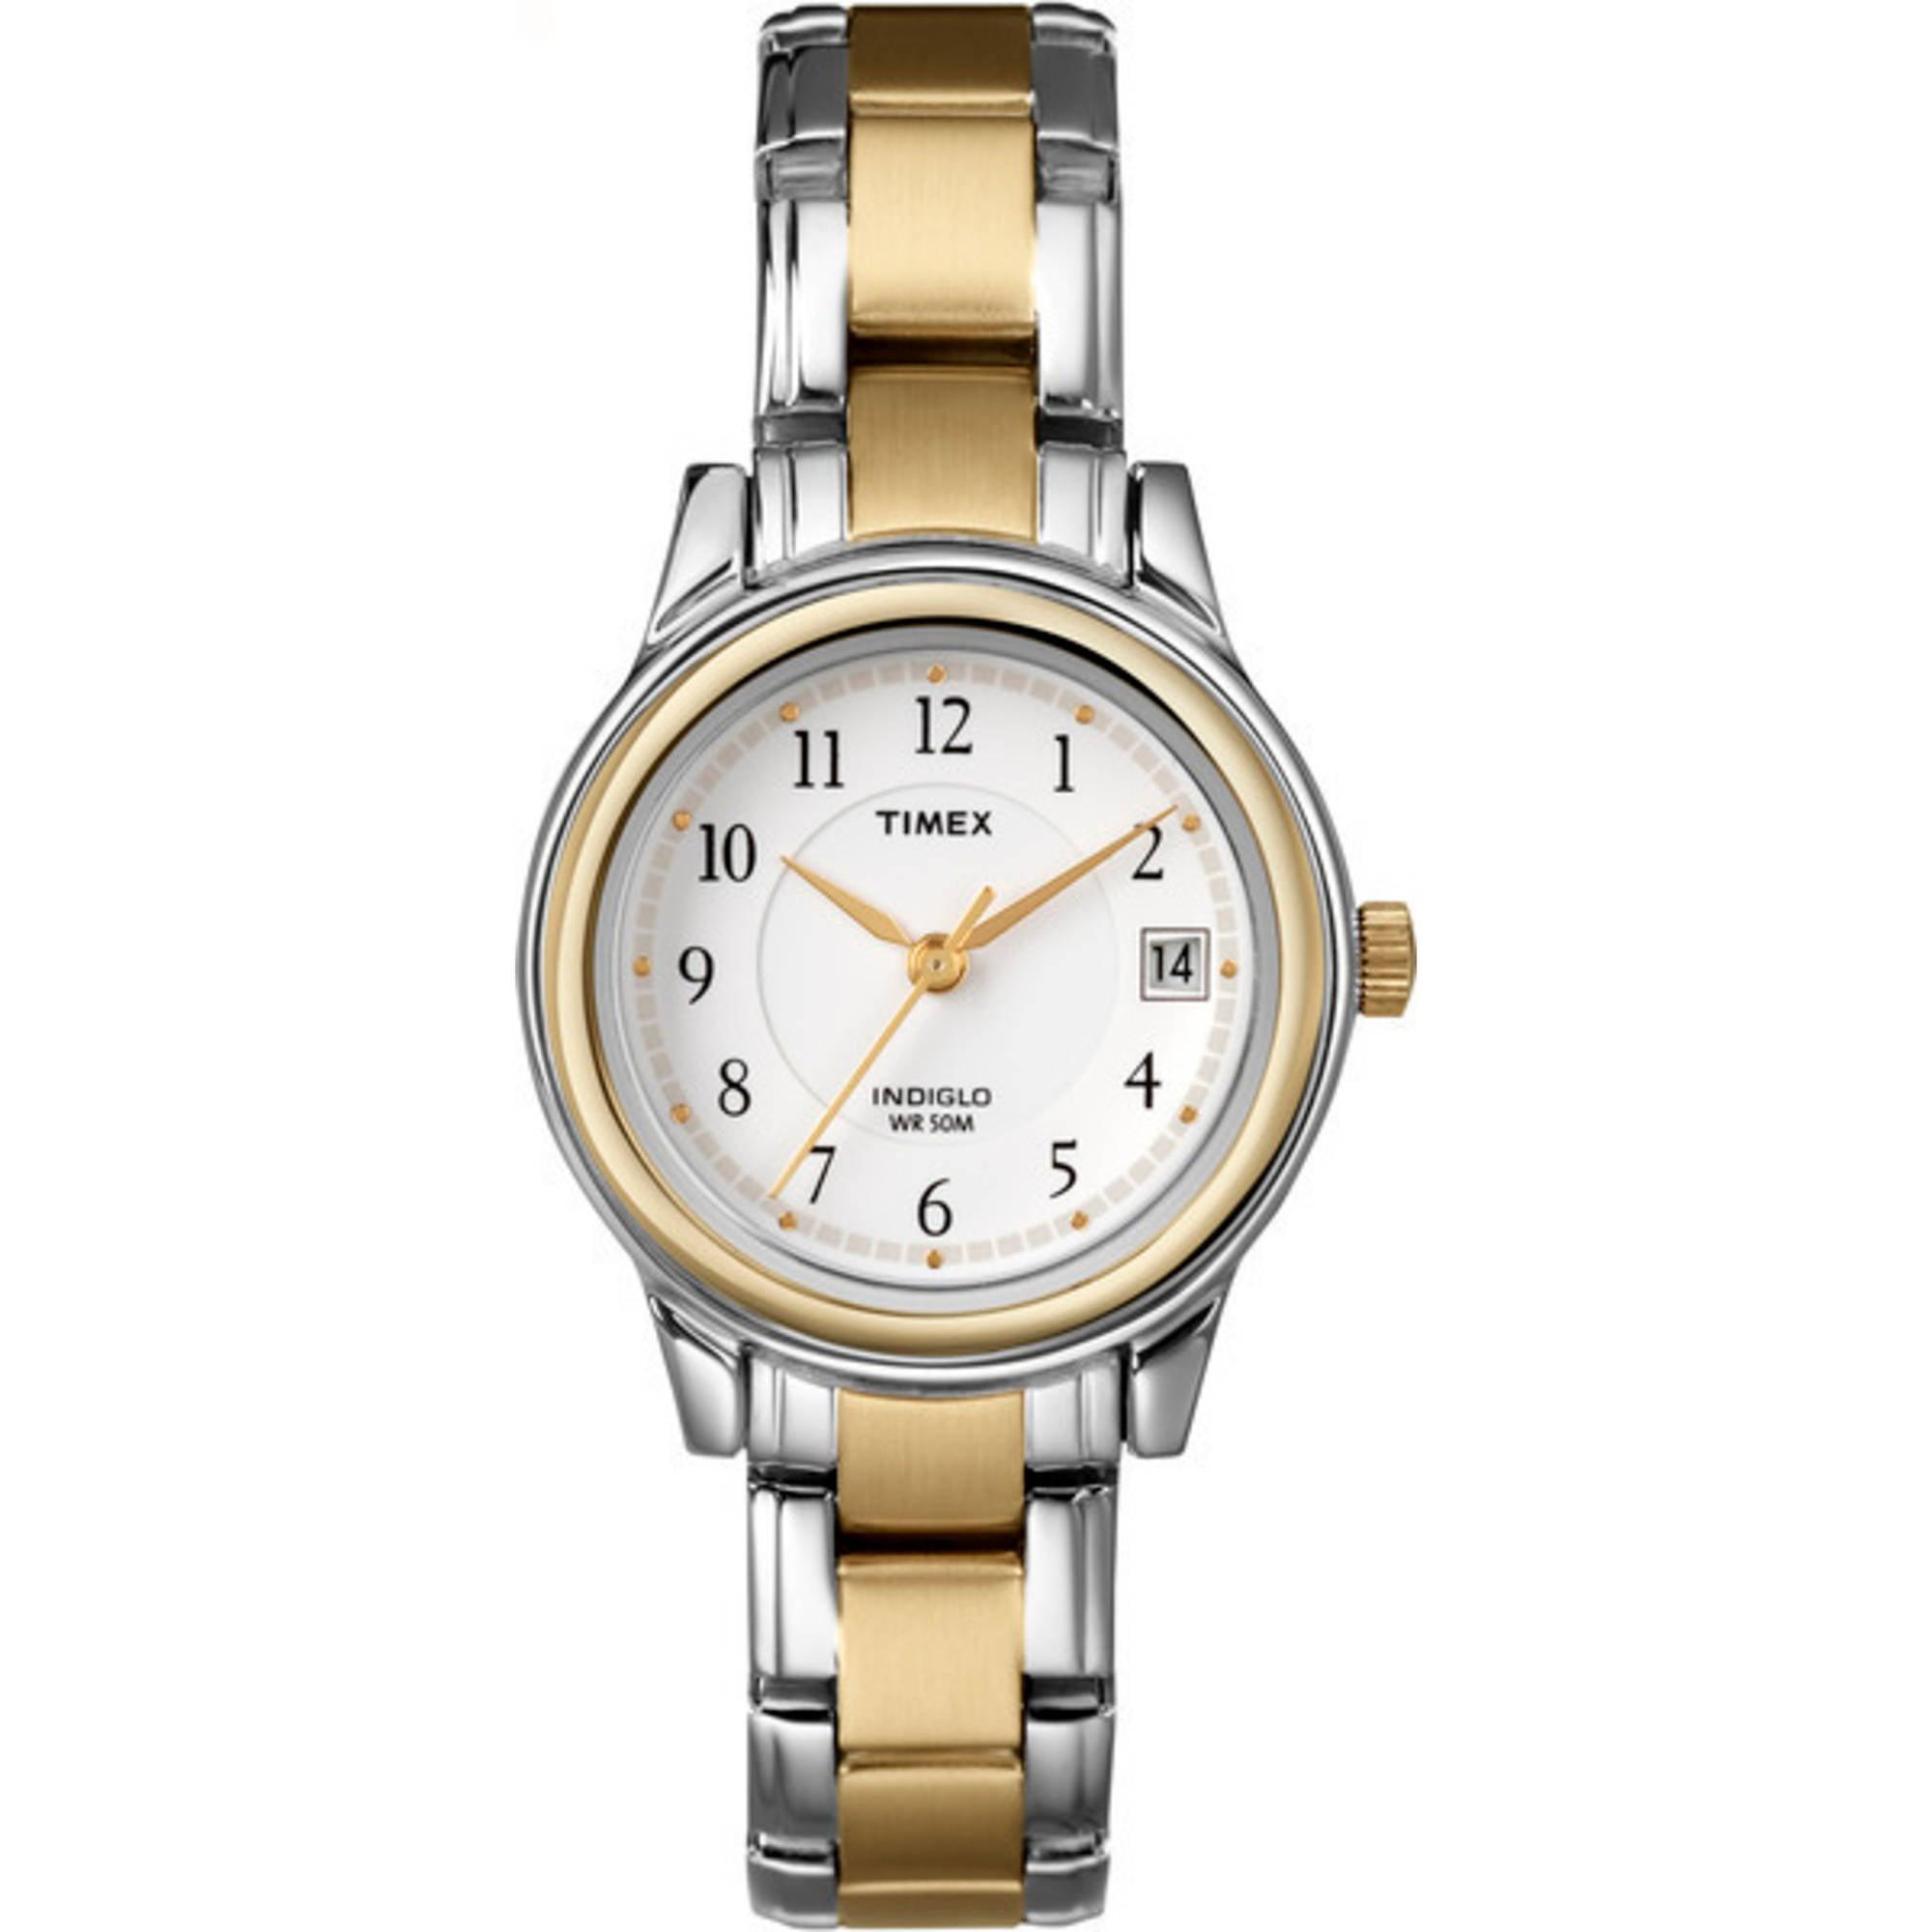 Timex Women's Porter Street Watch, Two-Tone Stainless Steel Bracelet